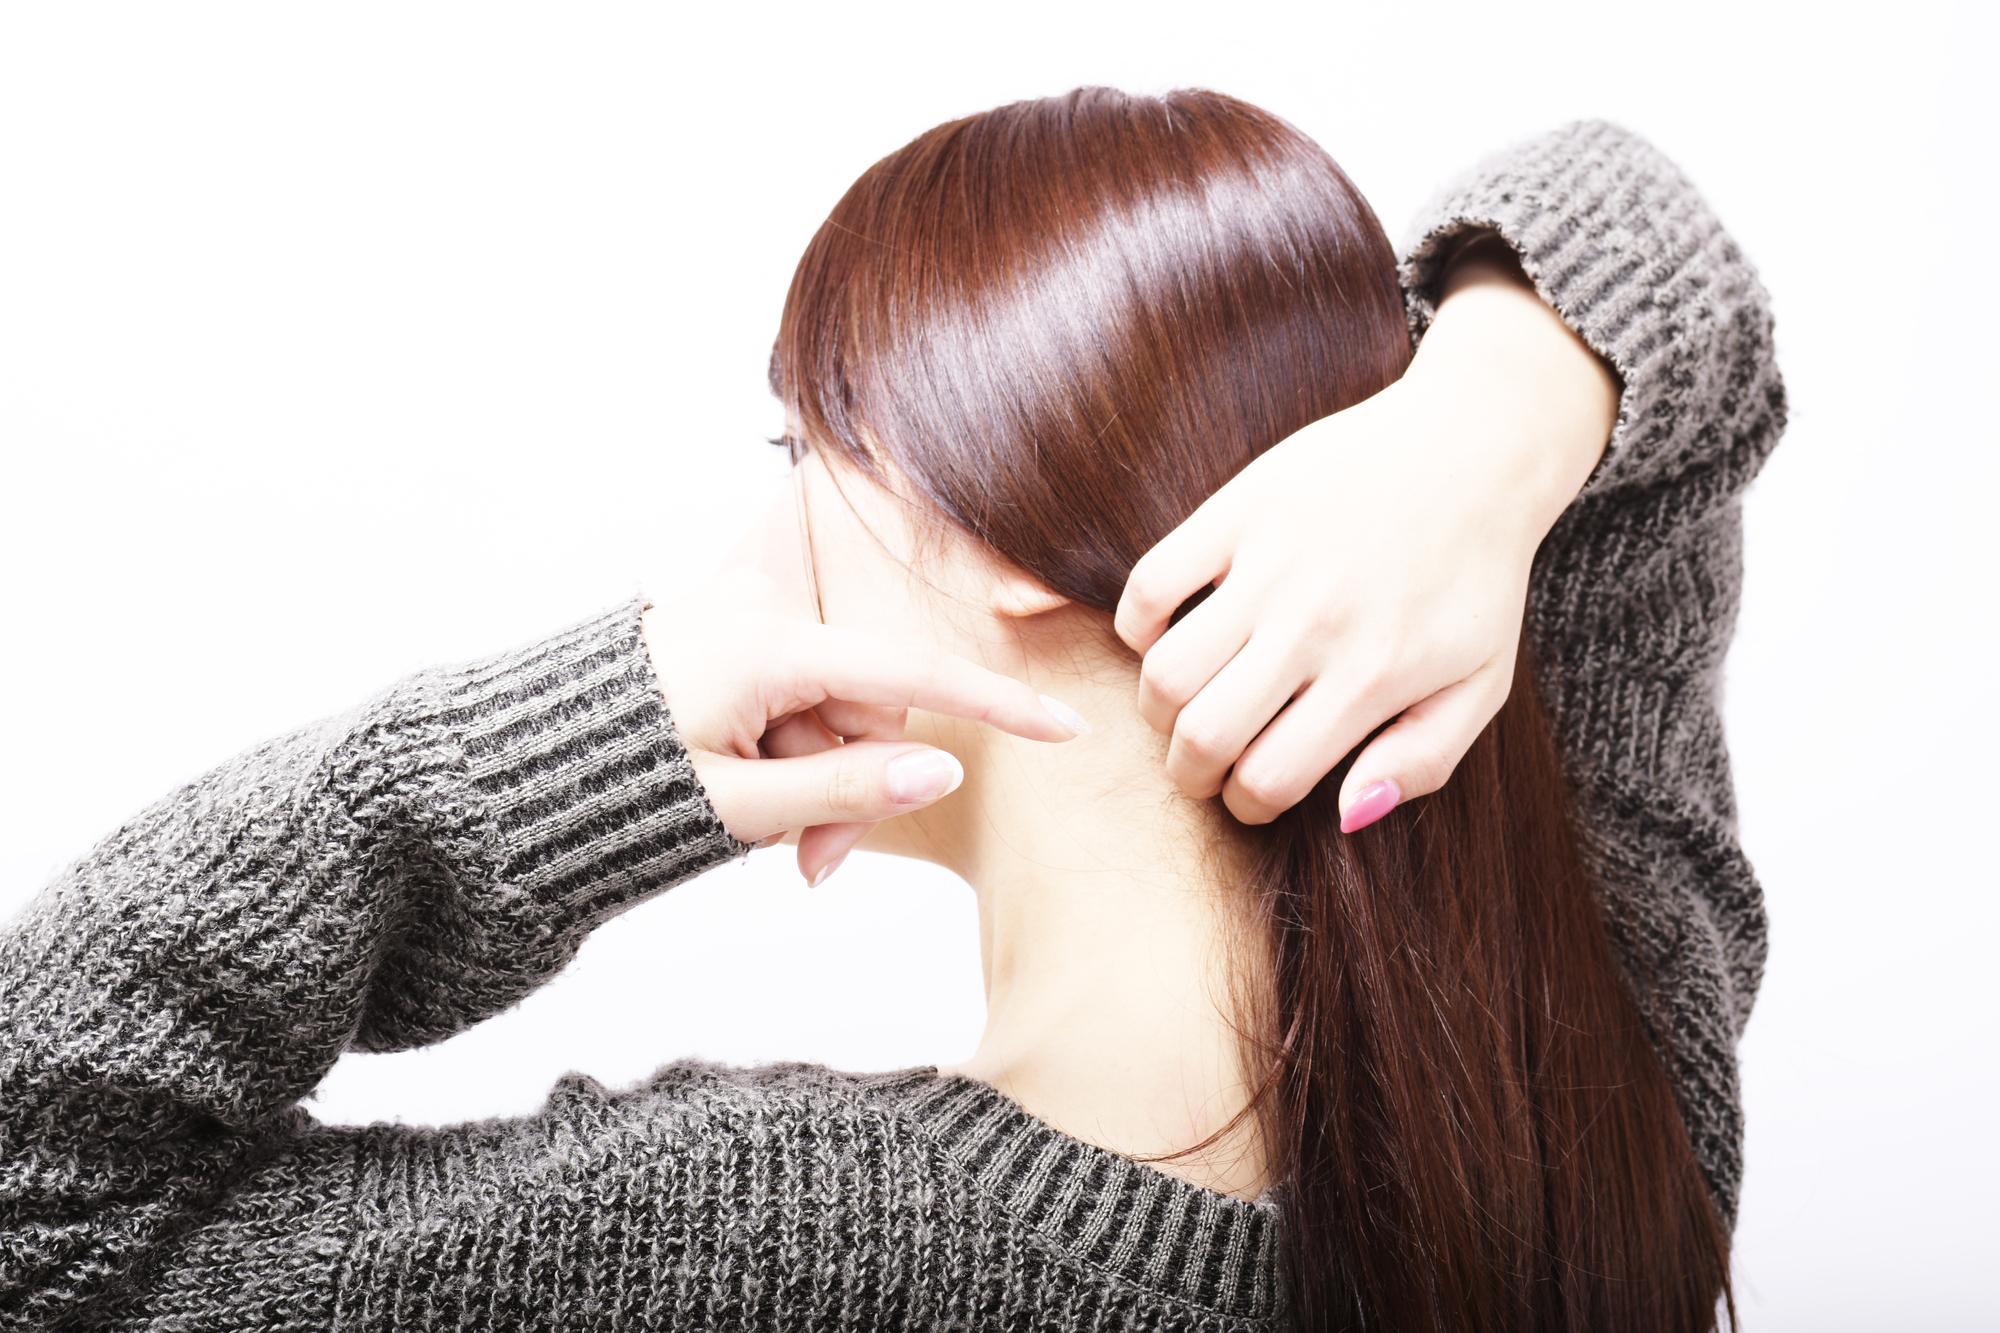 カプサイシンは薄毛改善効果があった!?その働きとは?